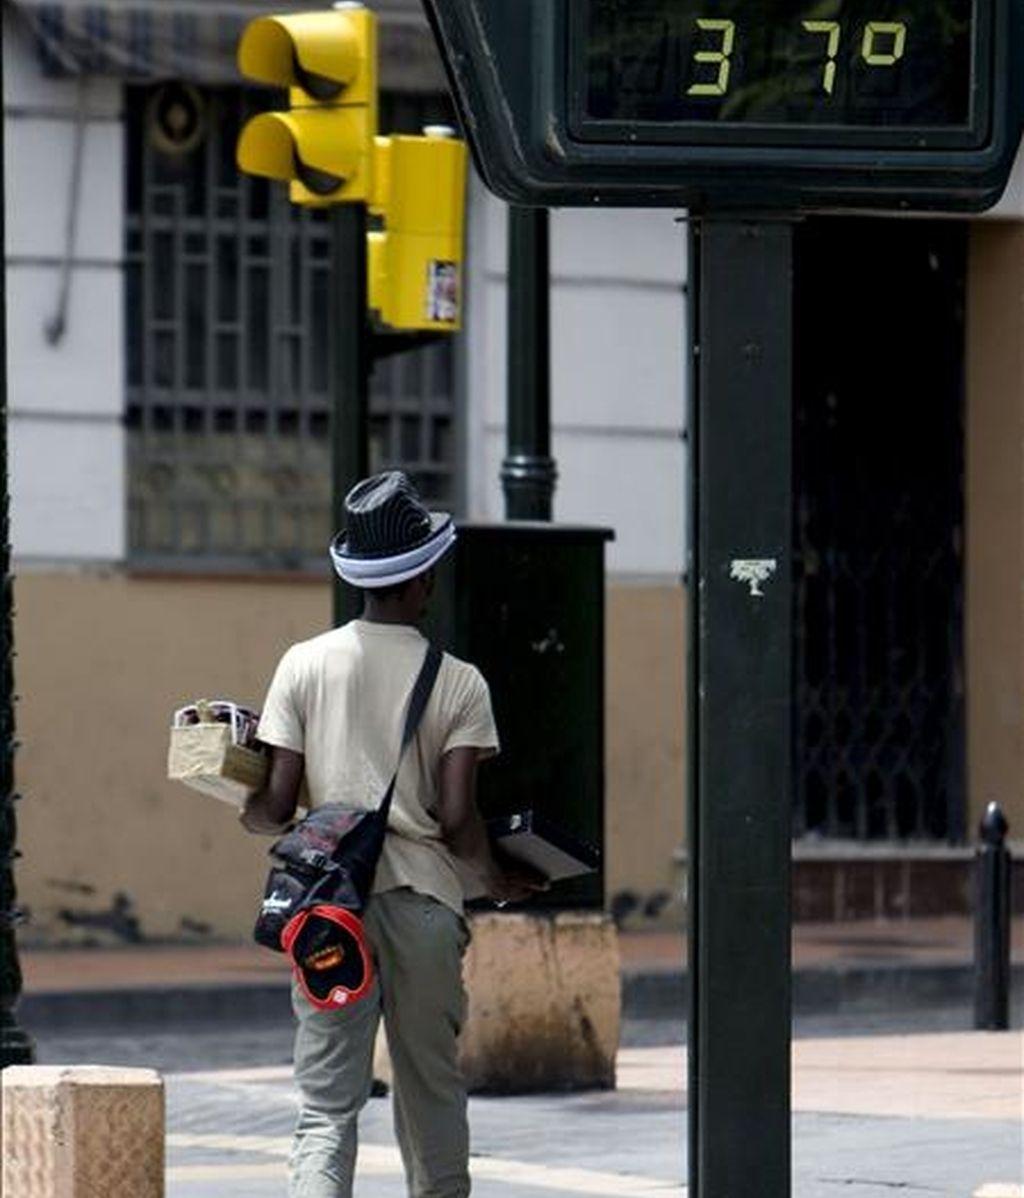 Un vendedor ambulante pasea bajo un termómetro en el casco histórico de Zaragoza. EFE